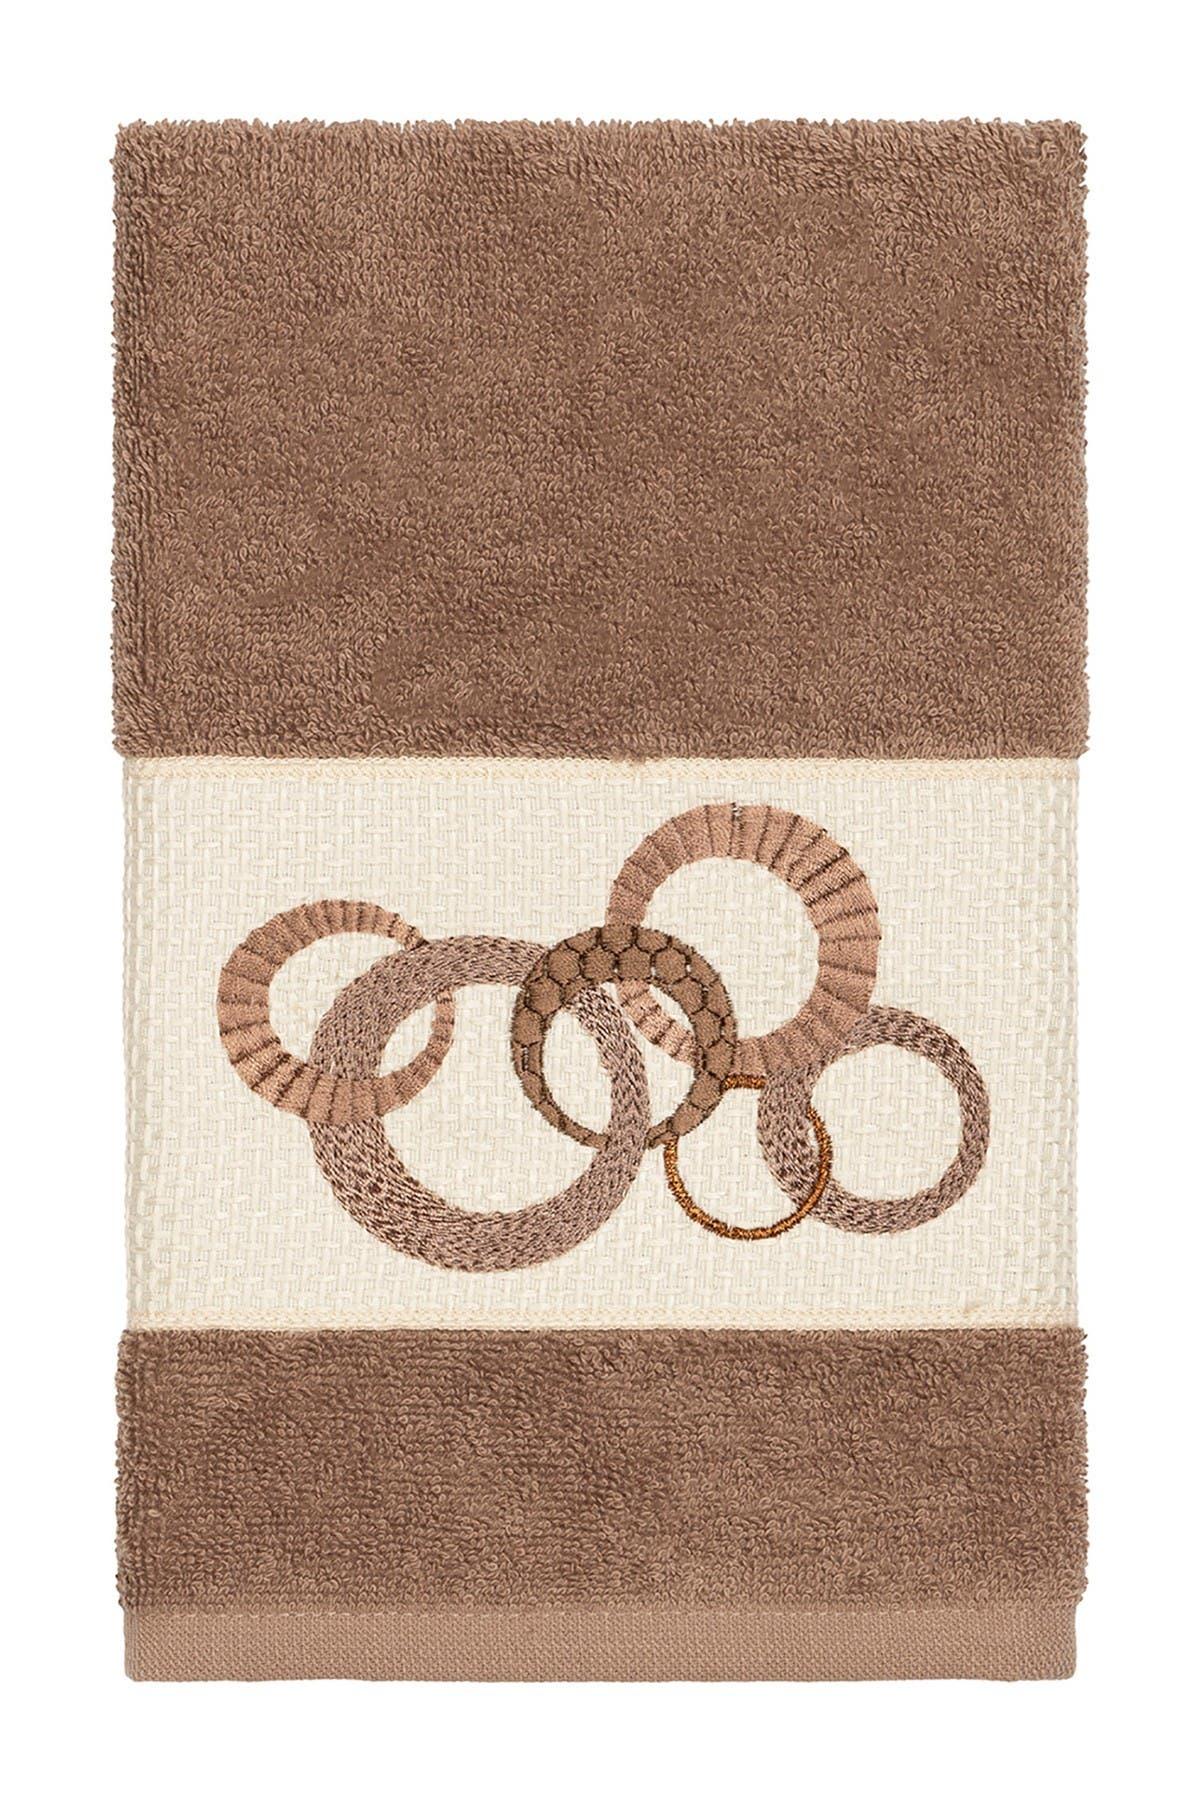 Image of LINUM HOME Annabelle Embellished Hand Towel - Latte